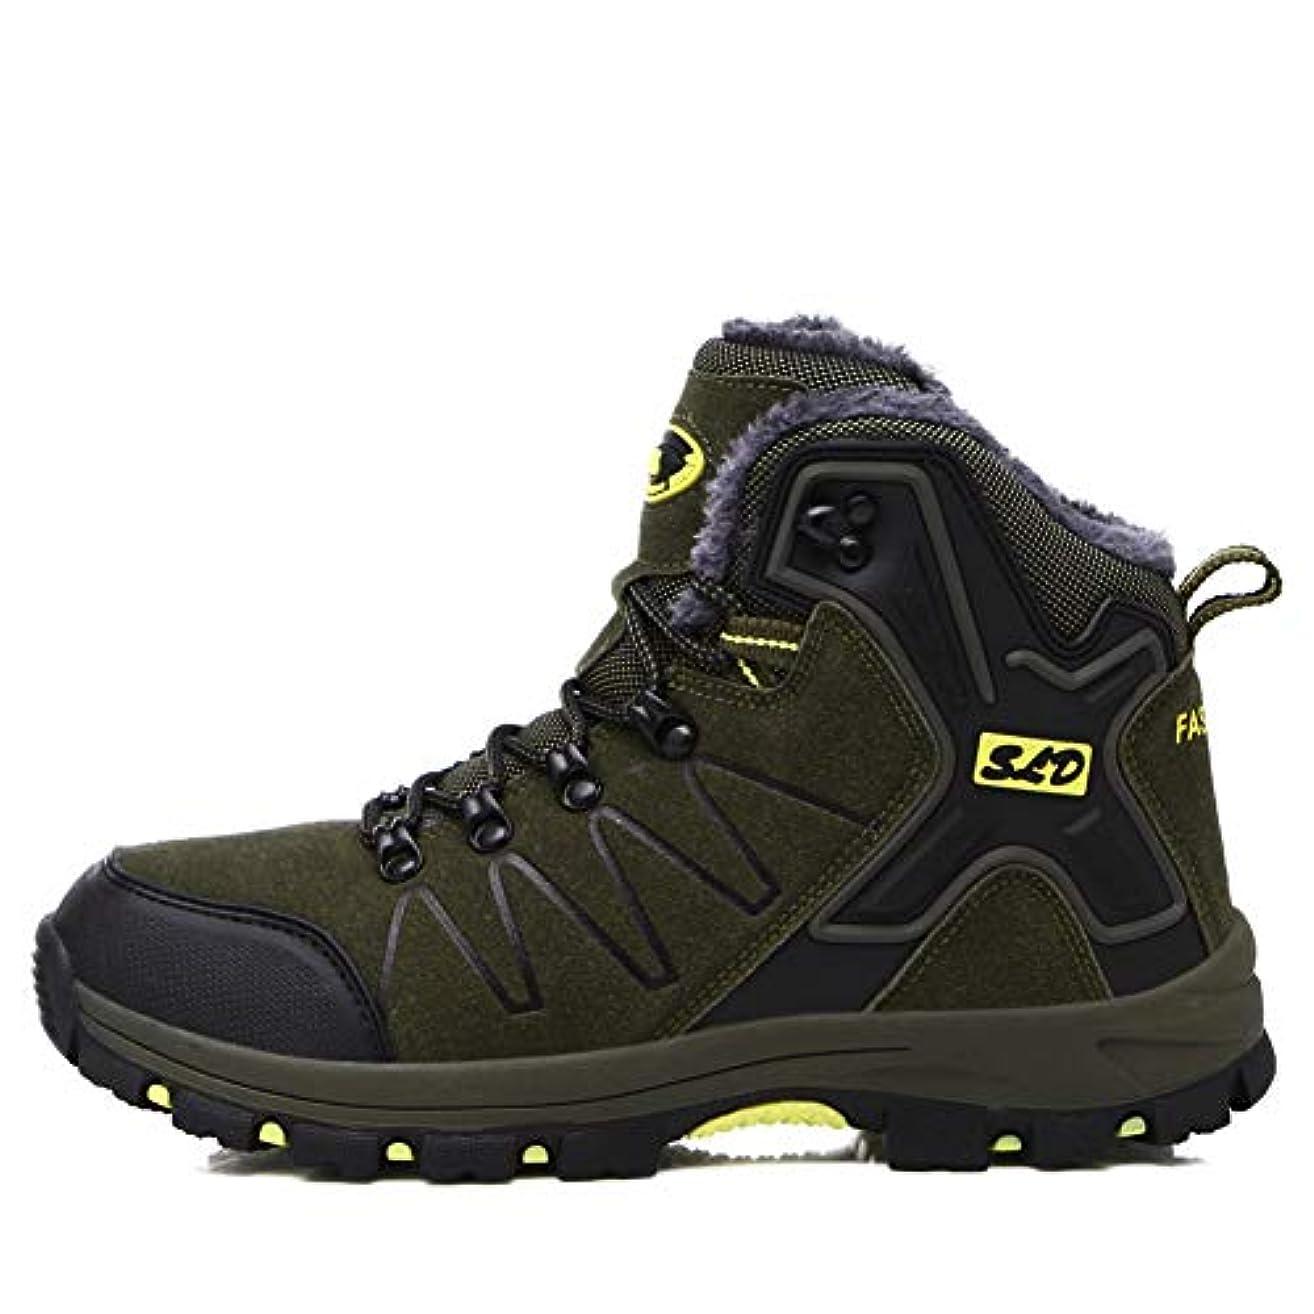 消す櫛講義[TcIFE] トレッキングシューズ メンズ 防水 防滑 ハイカット 登山靴 大きいサイズ ハイキングシューズ メンズ 耐磨耗 ハイキングシューズ メンズ 通気性 スニーカー